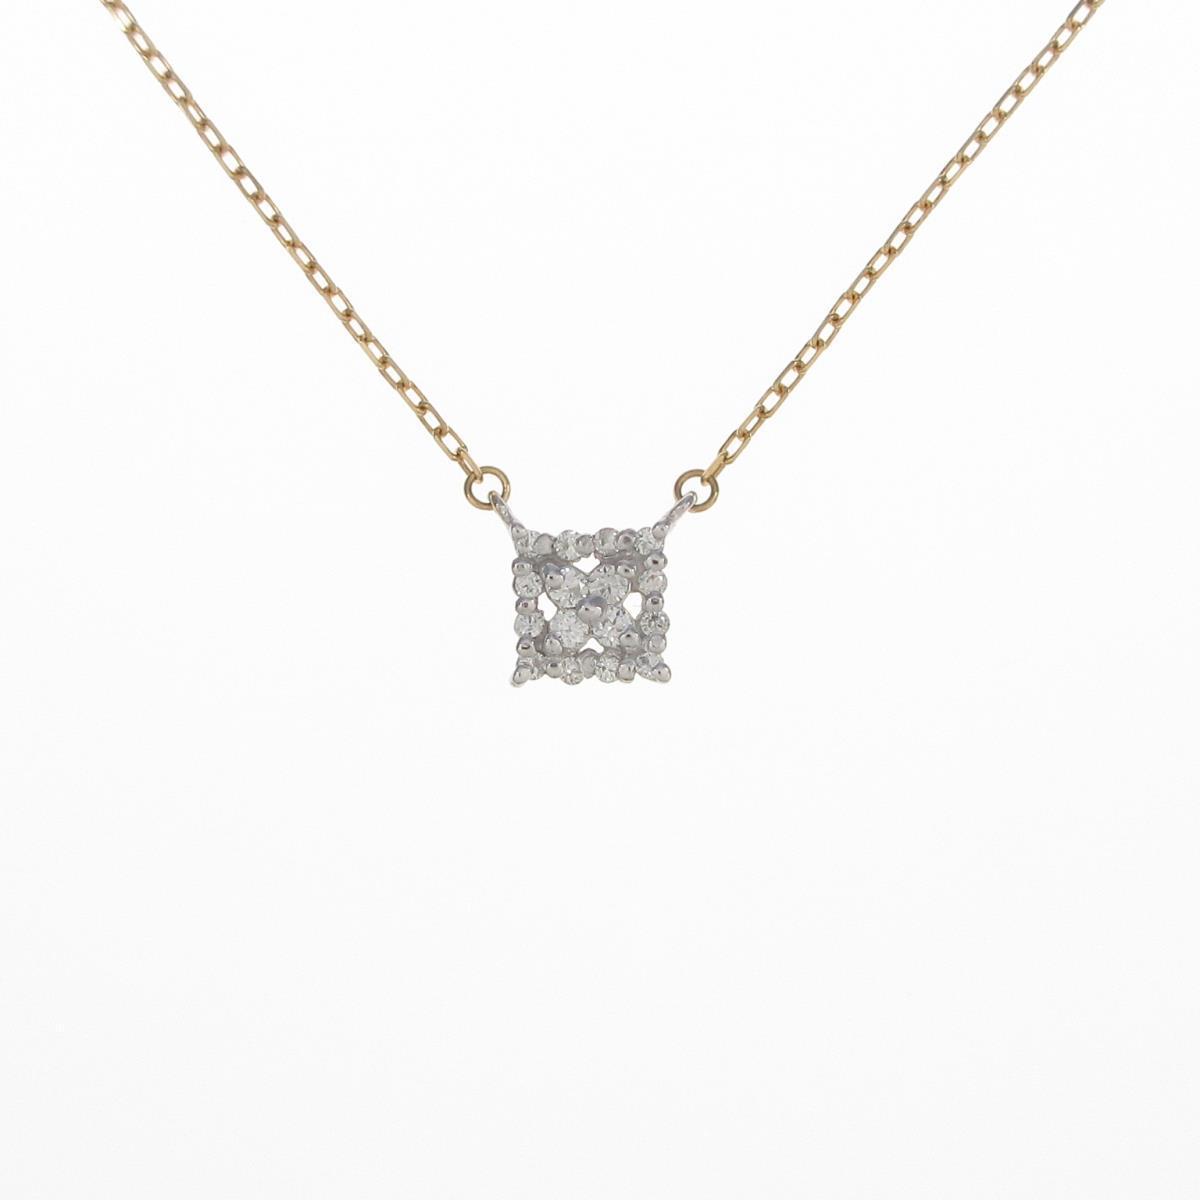 K18YG/K18WG ダイヤモンドネックレス【中古】